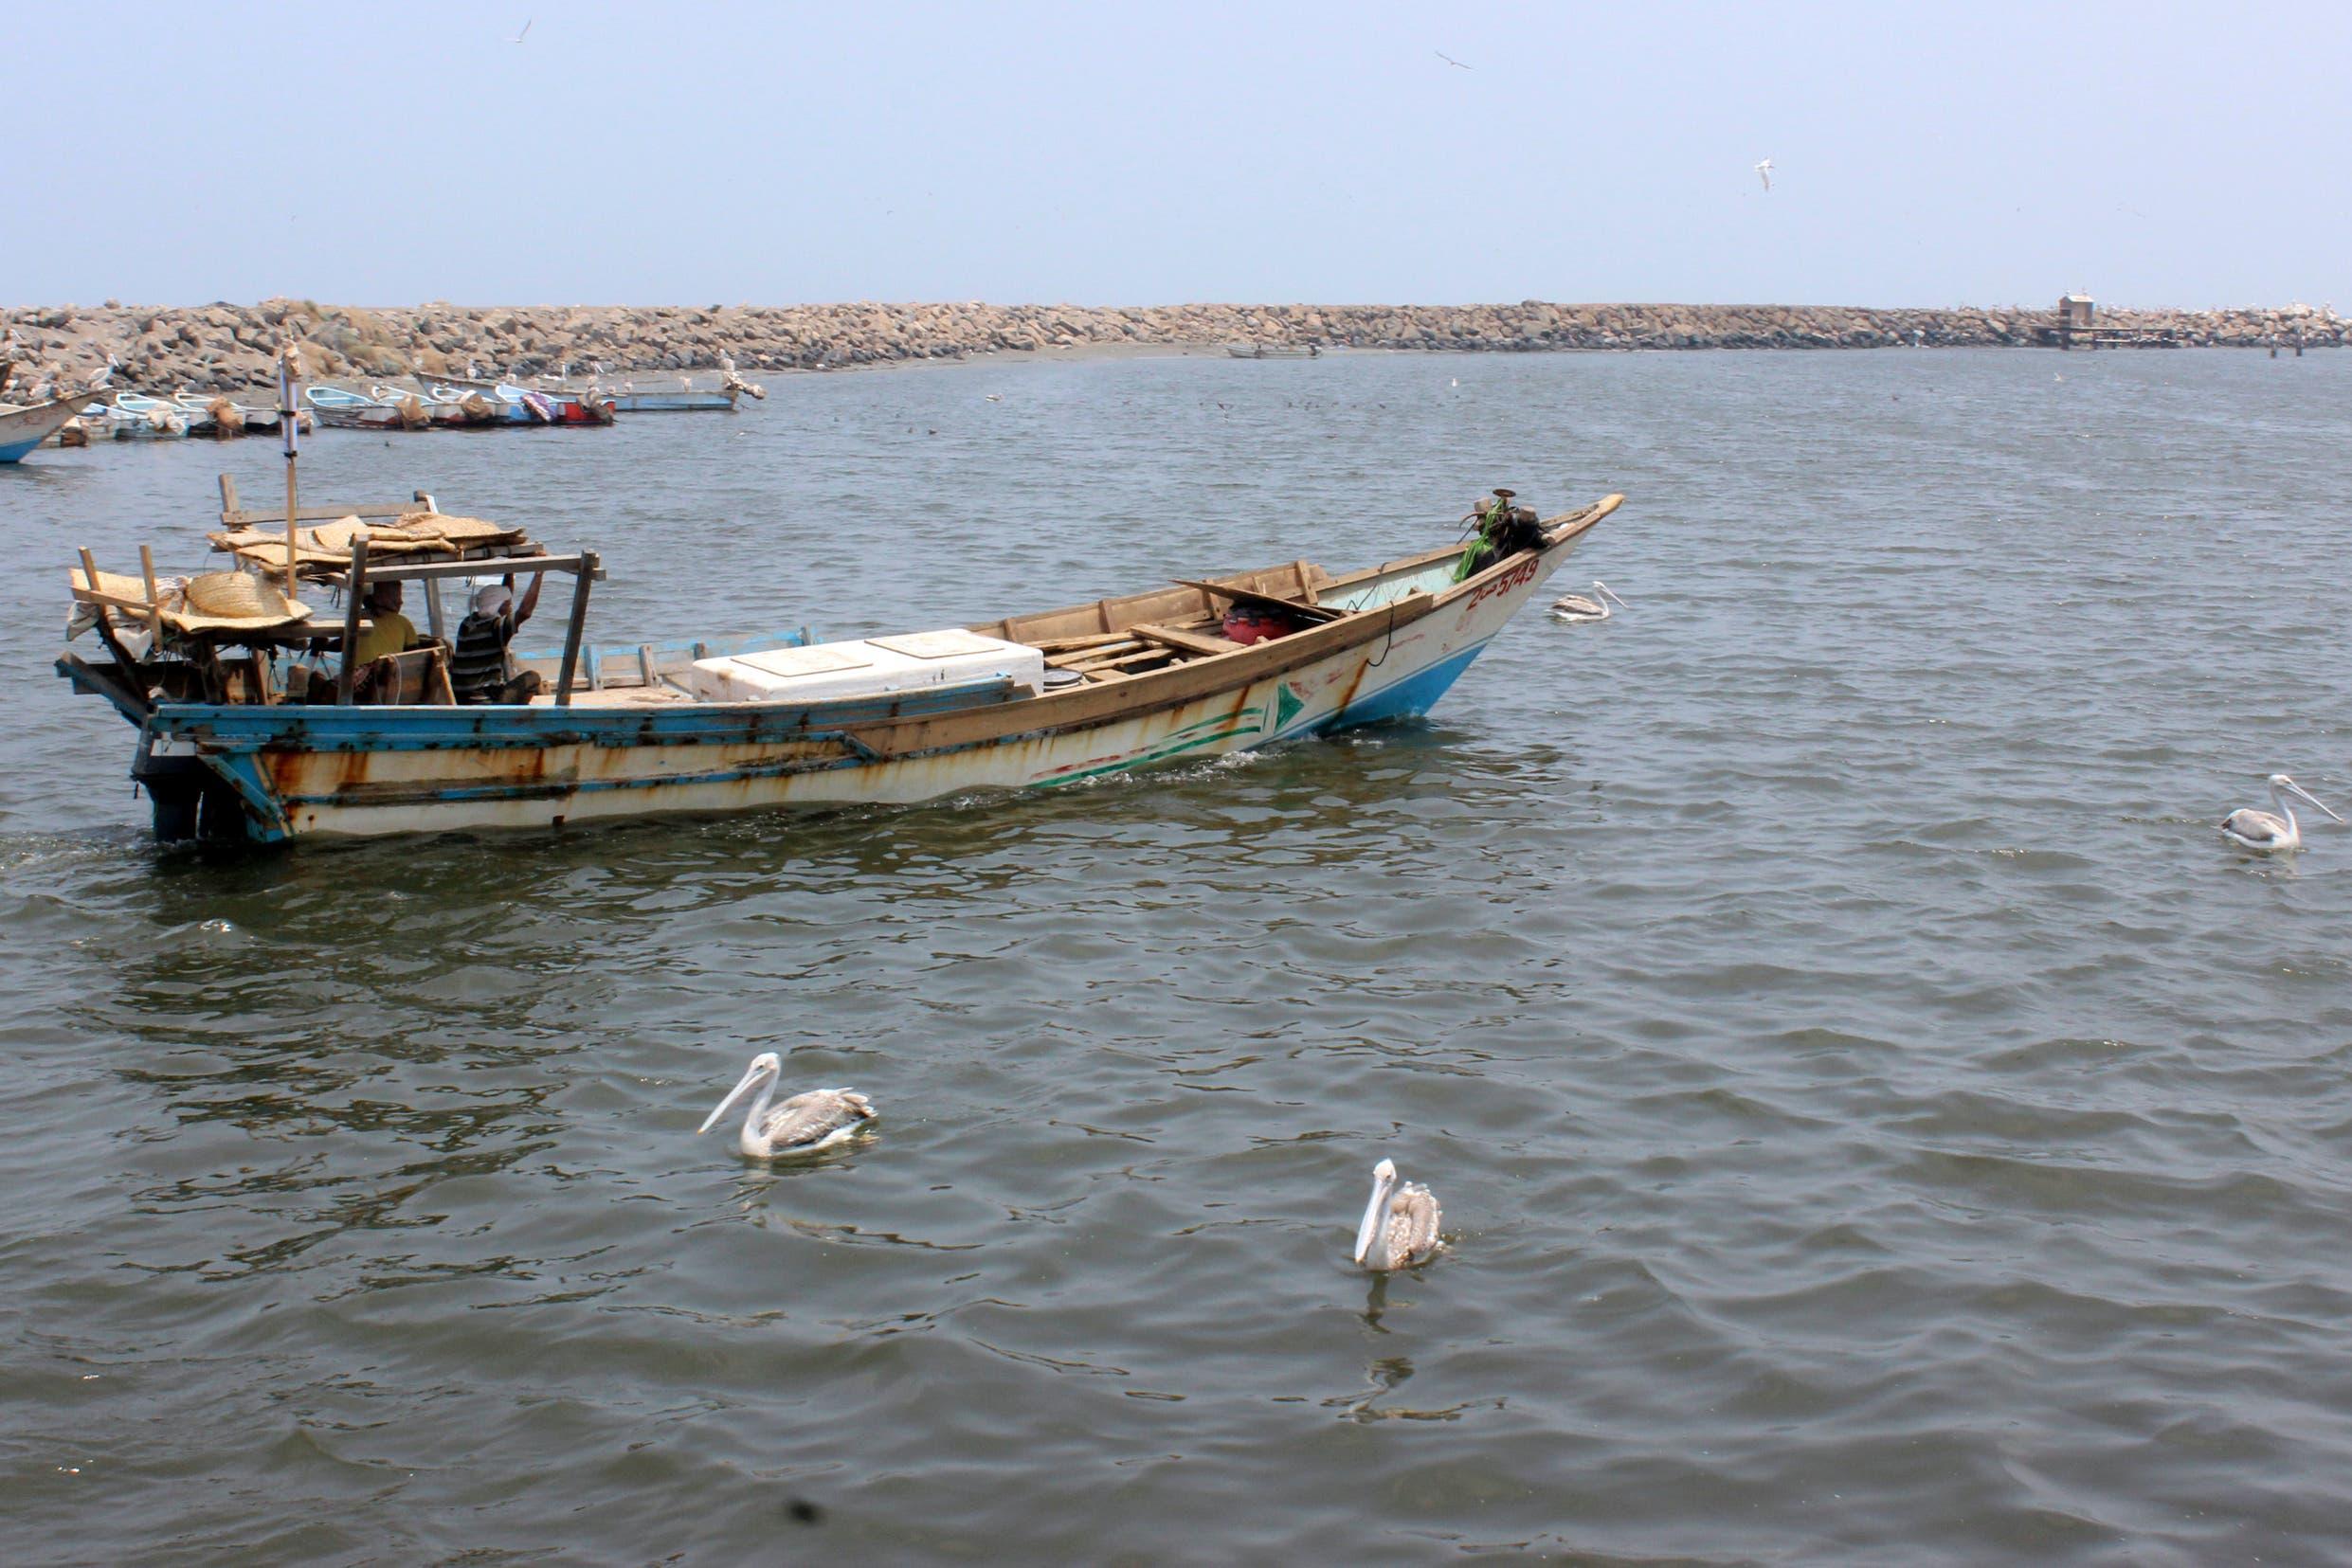 مركب صيد يمني في البحر اأحمر قبالة الحديدة (أرشيفية- فرانس برس)